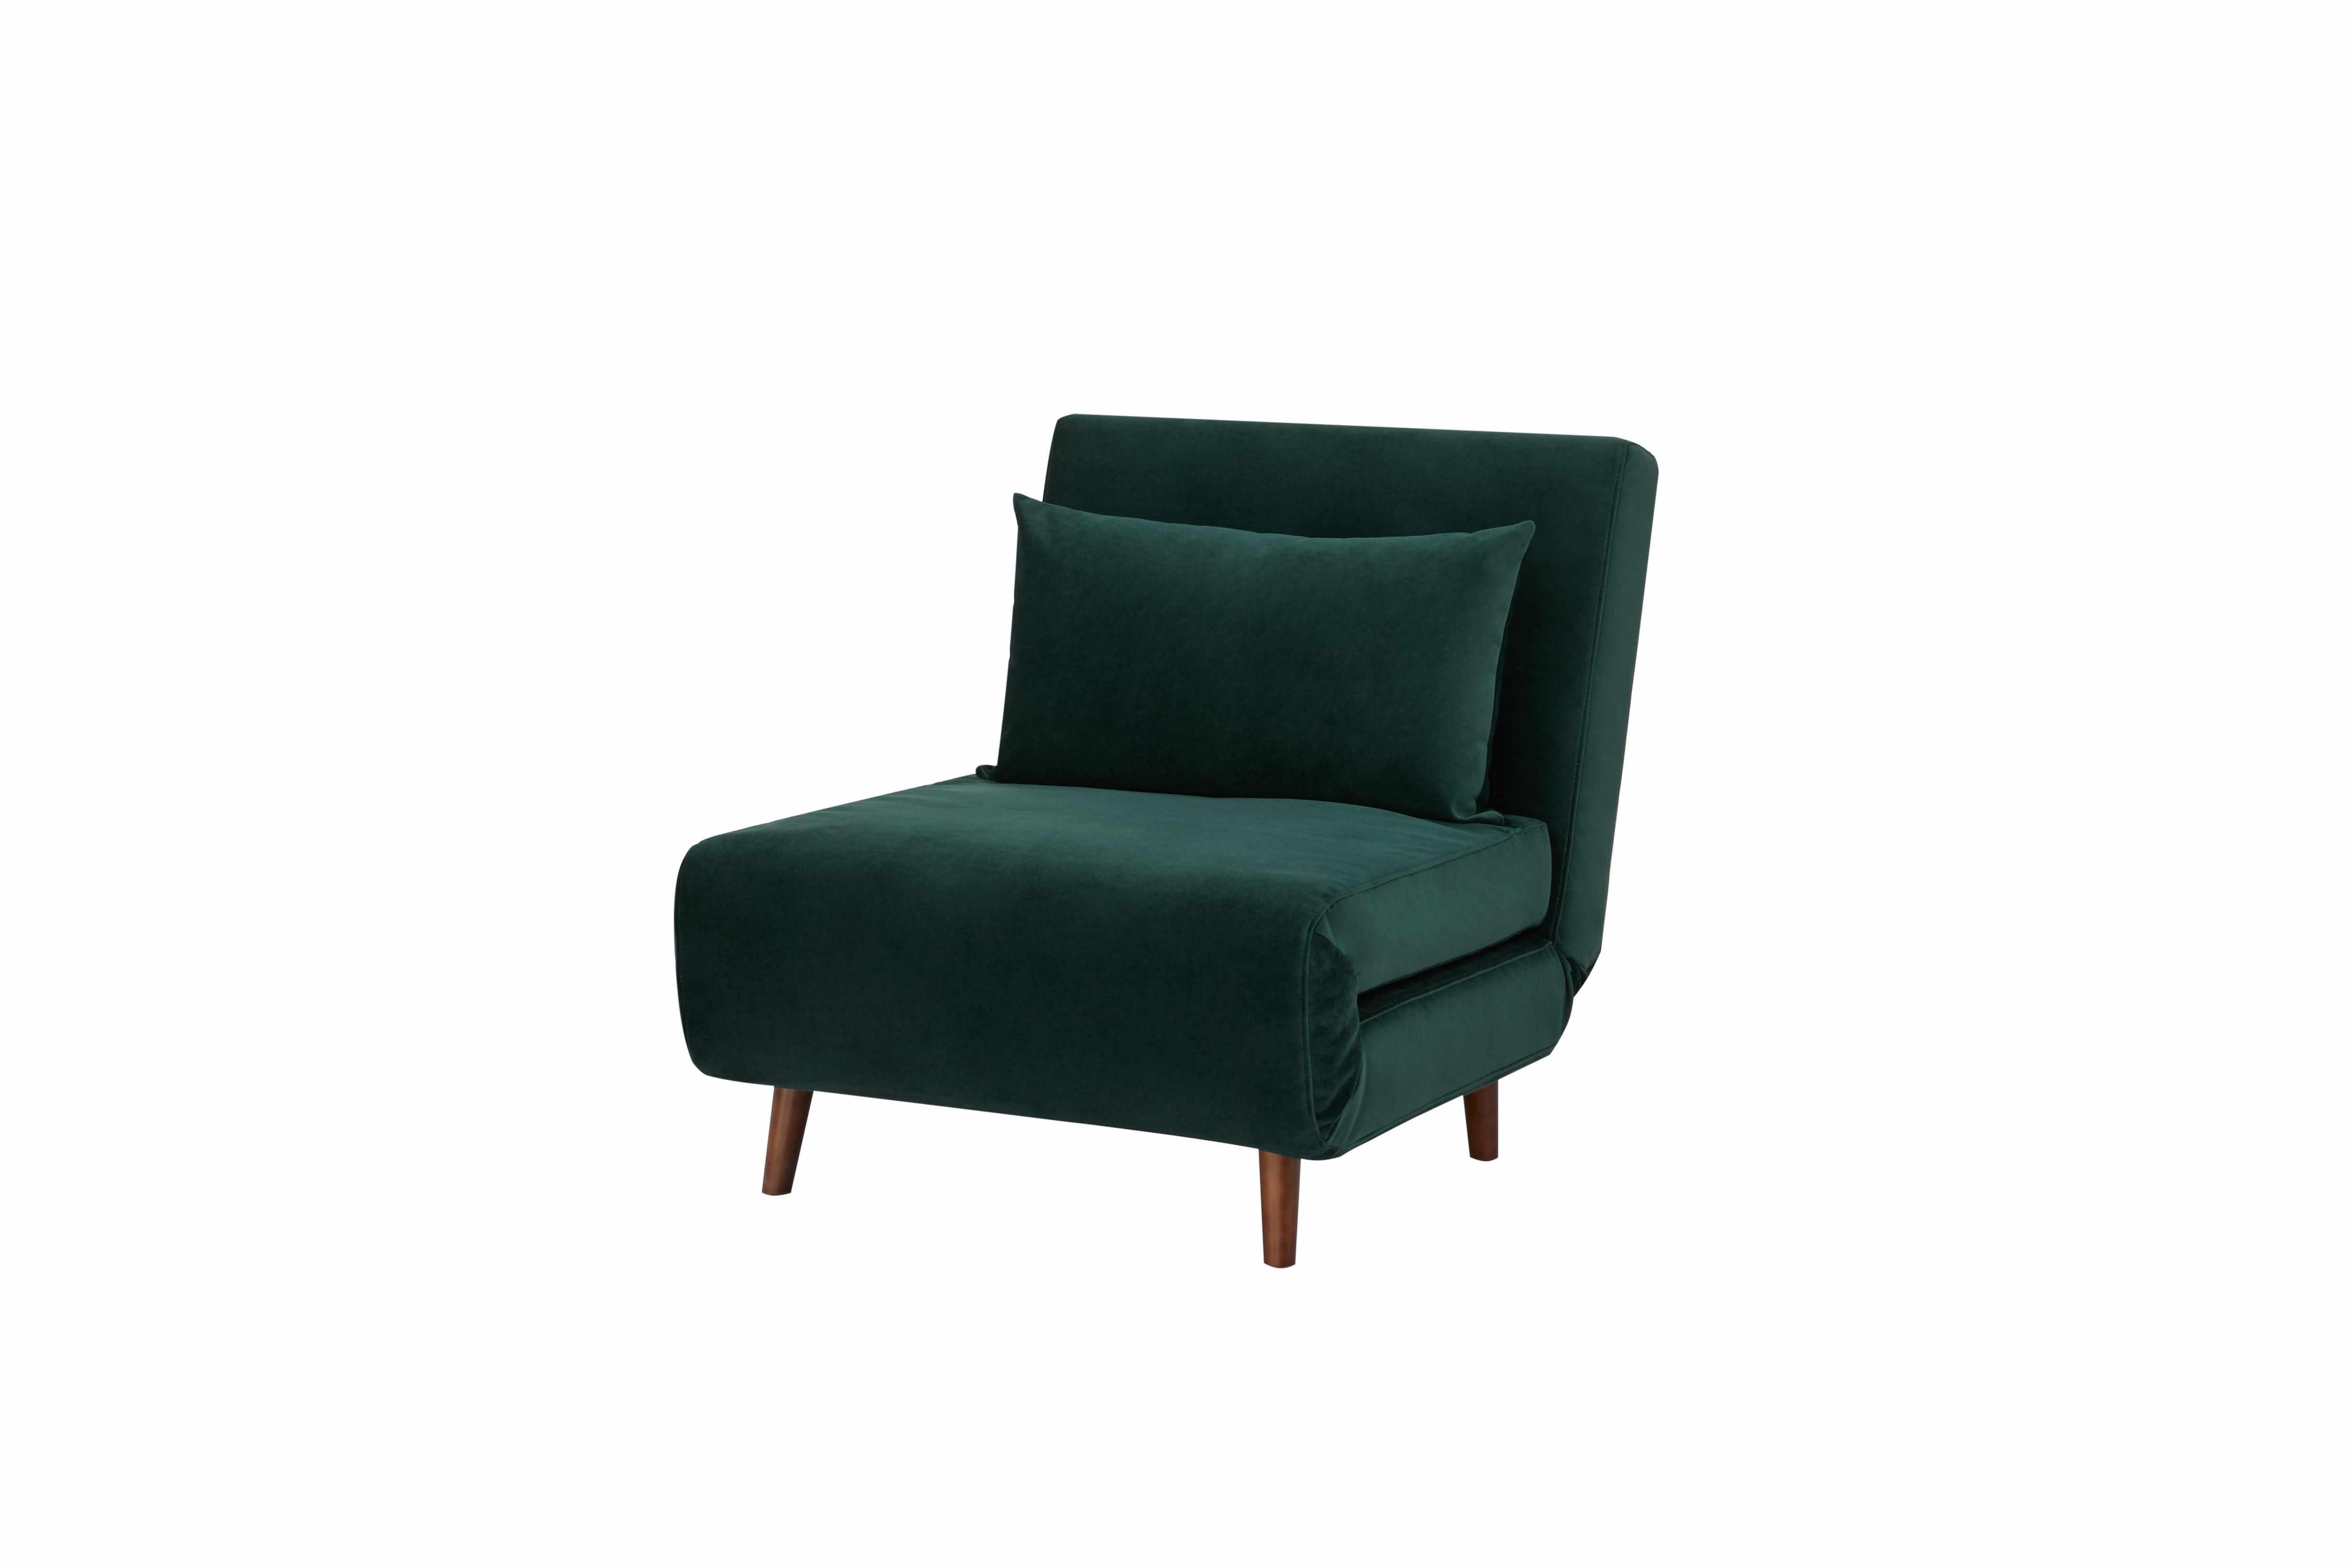 walmart green velvet chair mydom